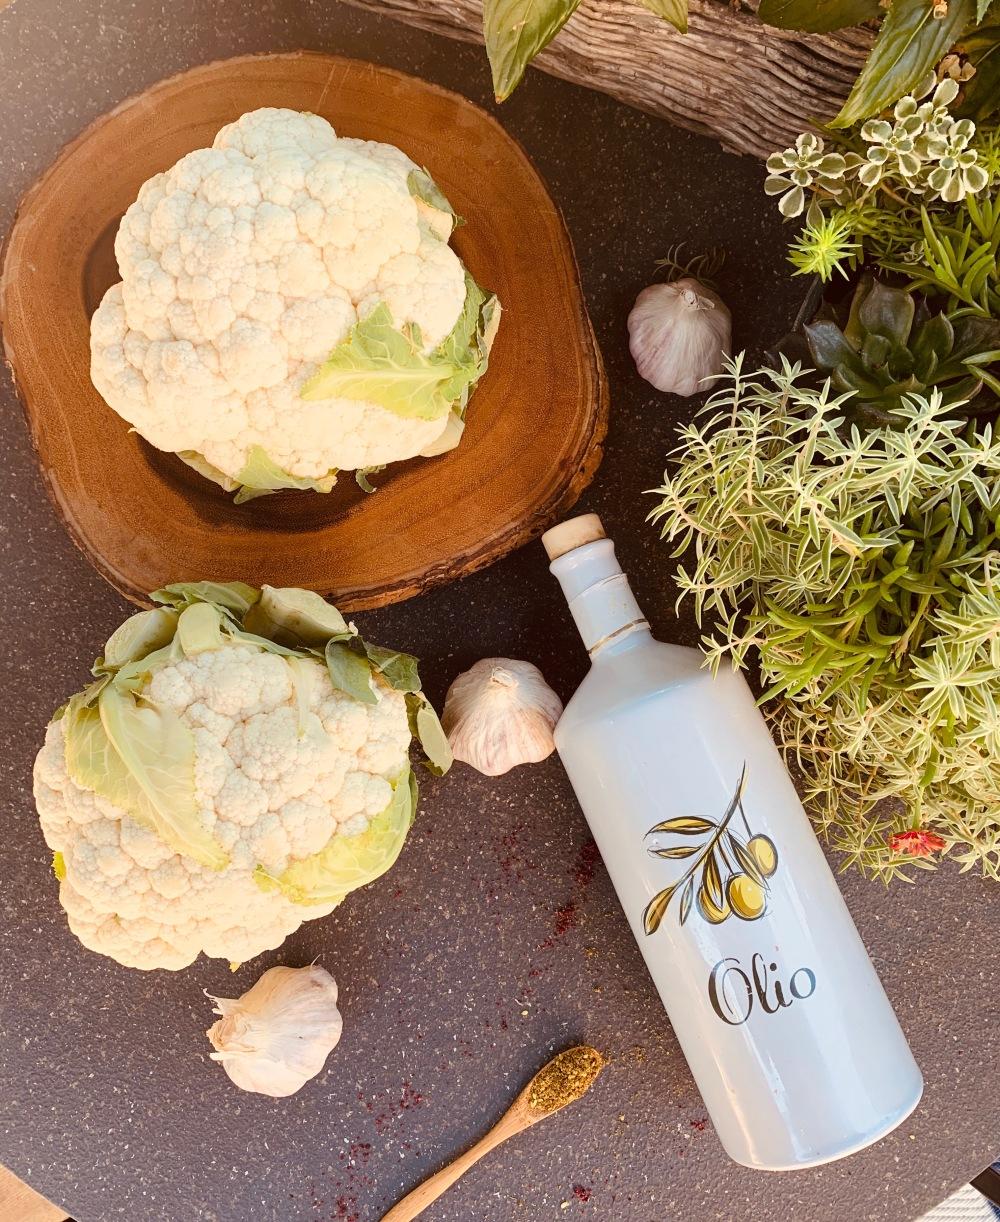 Cauliflower photo by Shaniti